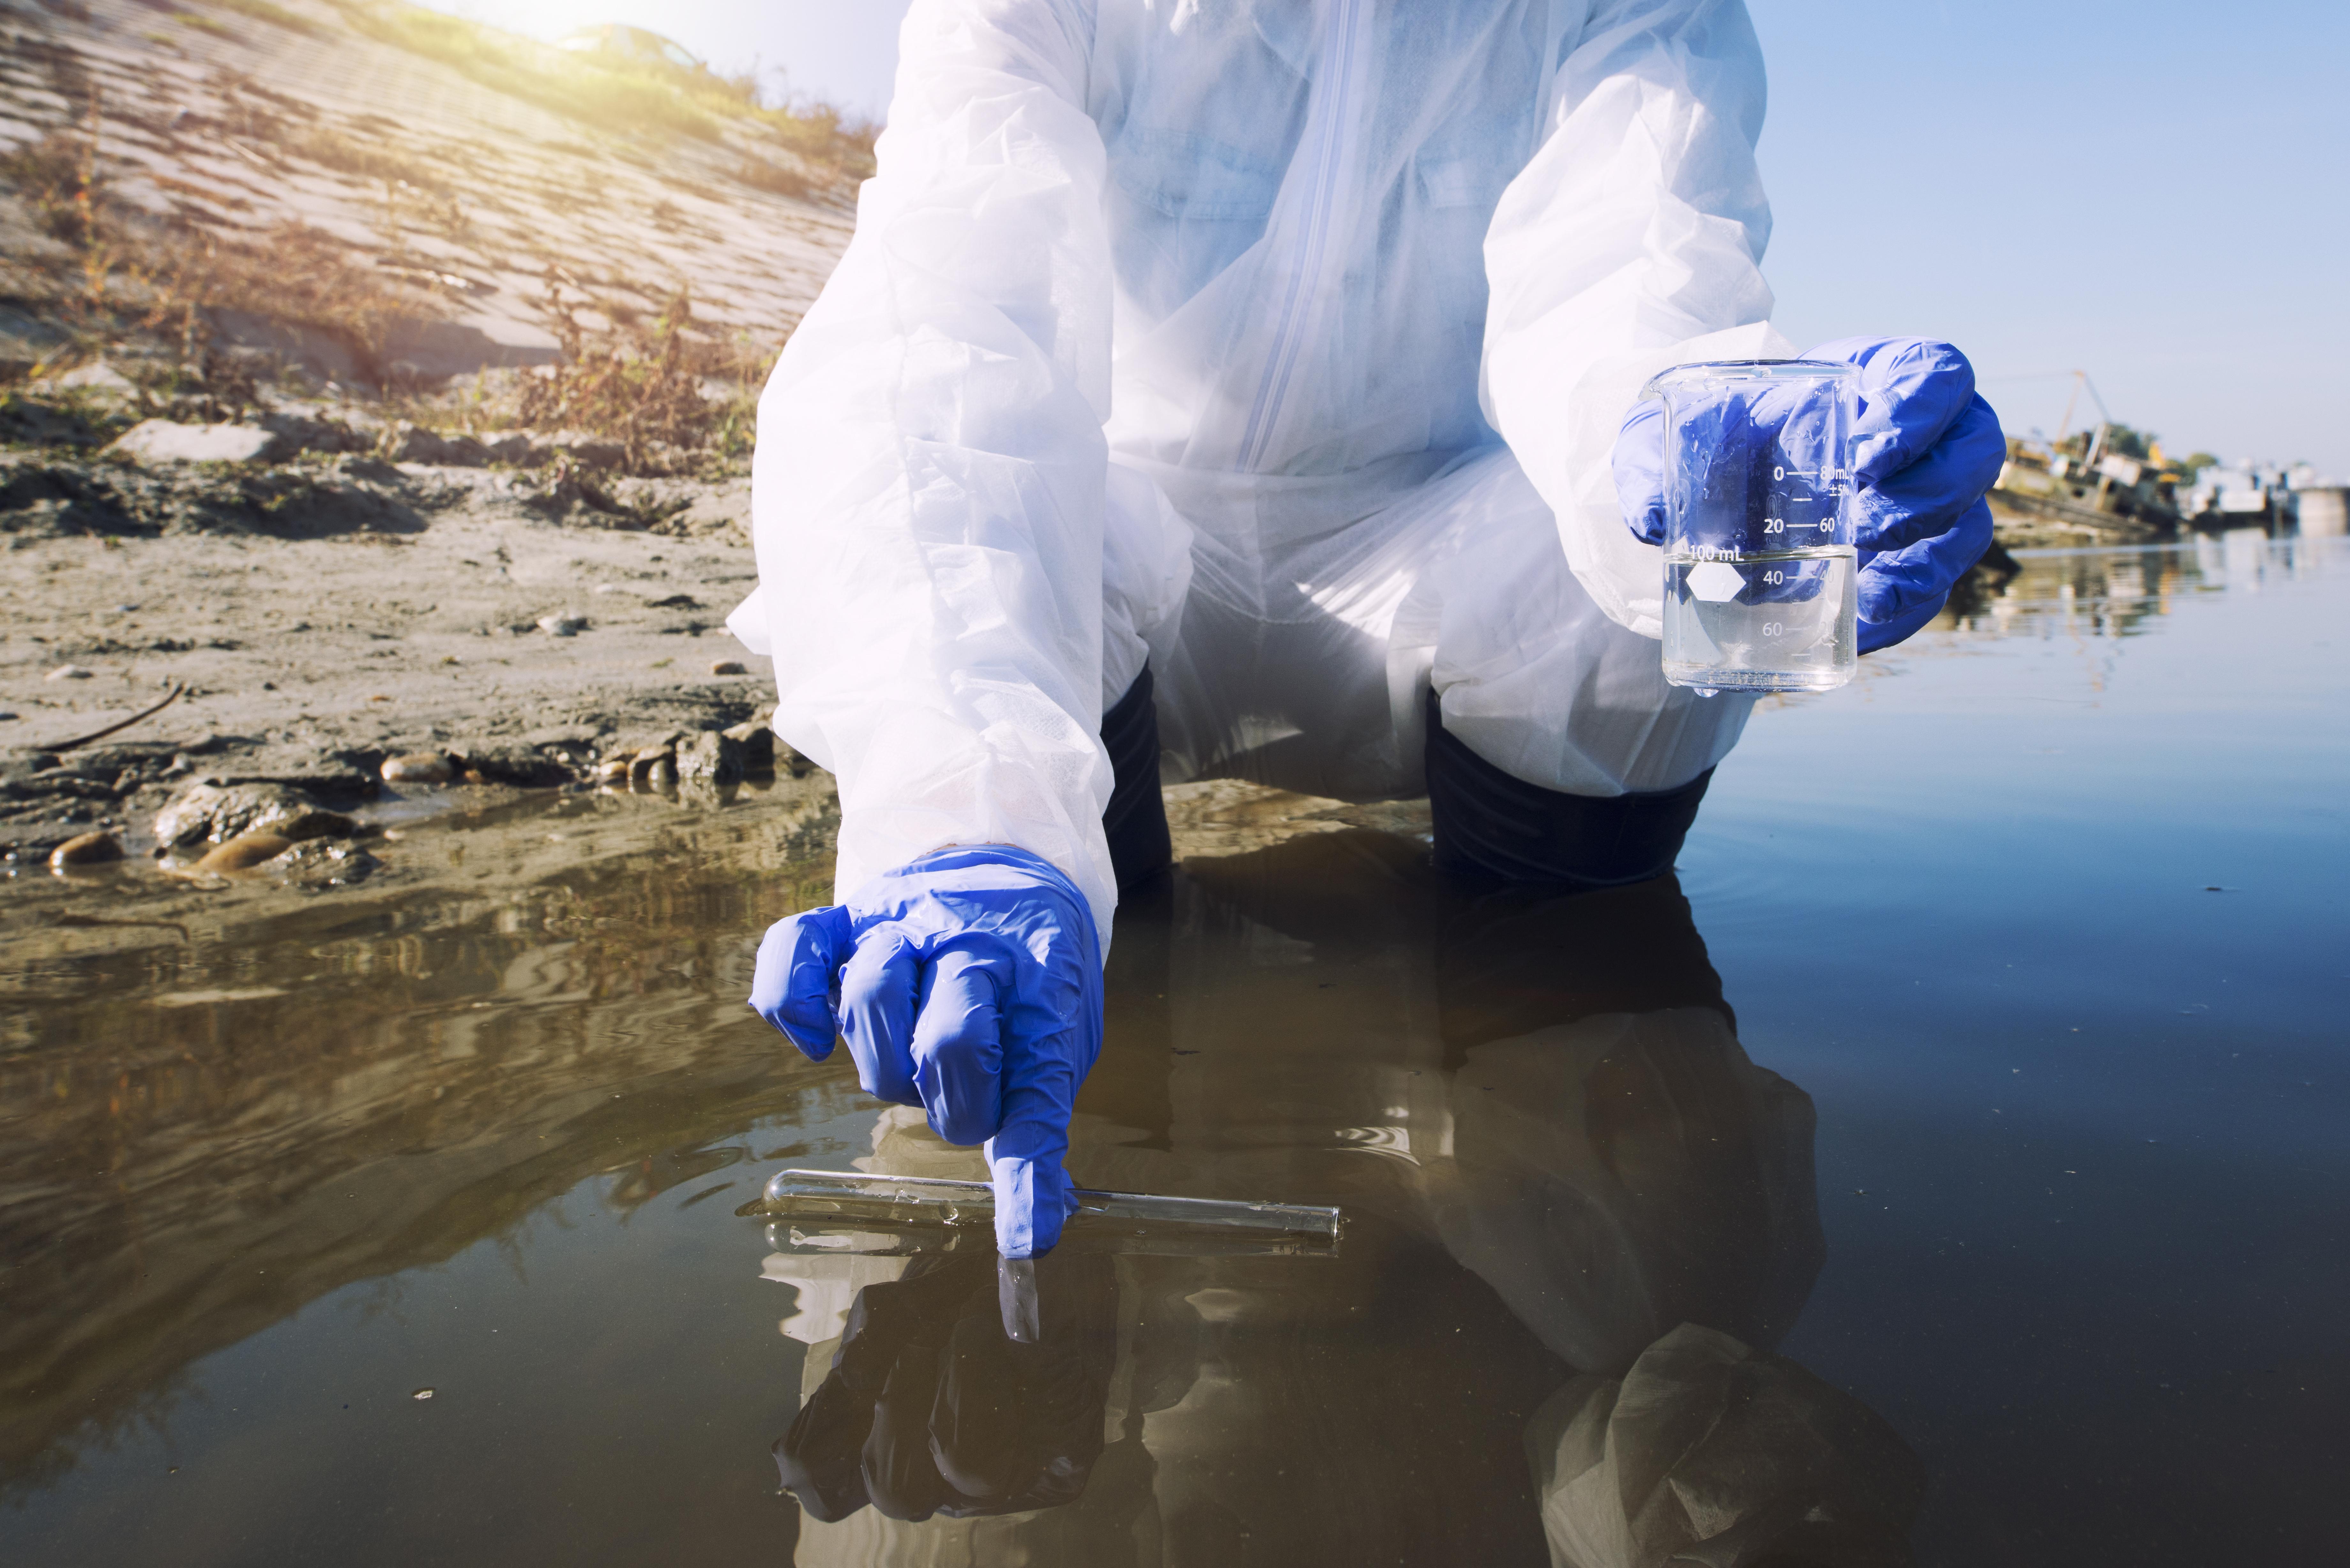 Si à ce jour, aucun cas de COVID-19 n'a été documenté comme causé par contamination par l'eau, le nouveau coronavirus est proche du SRAS et l'infection féco-orale est déjà documentée comme possible.